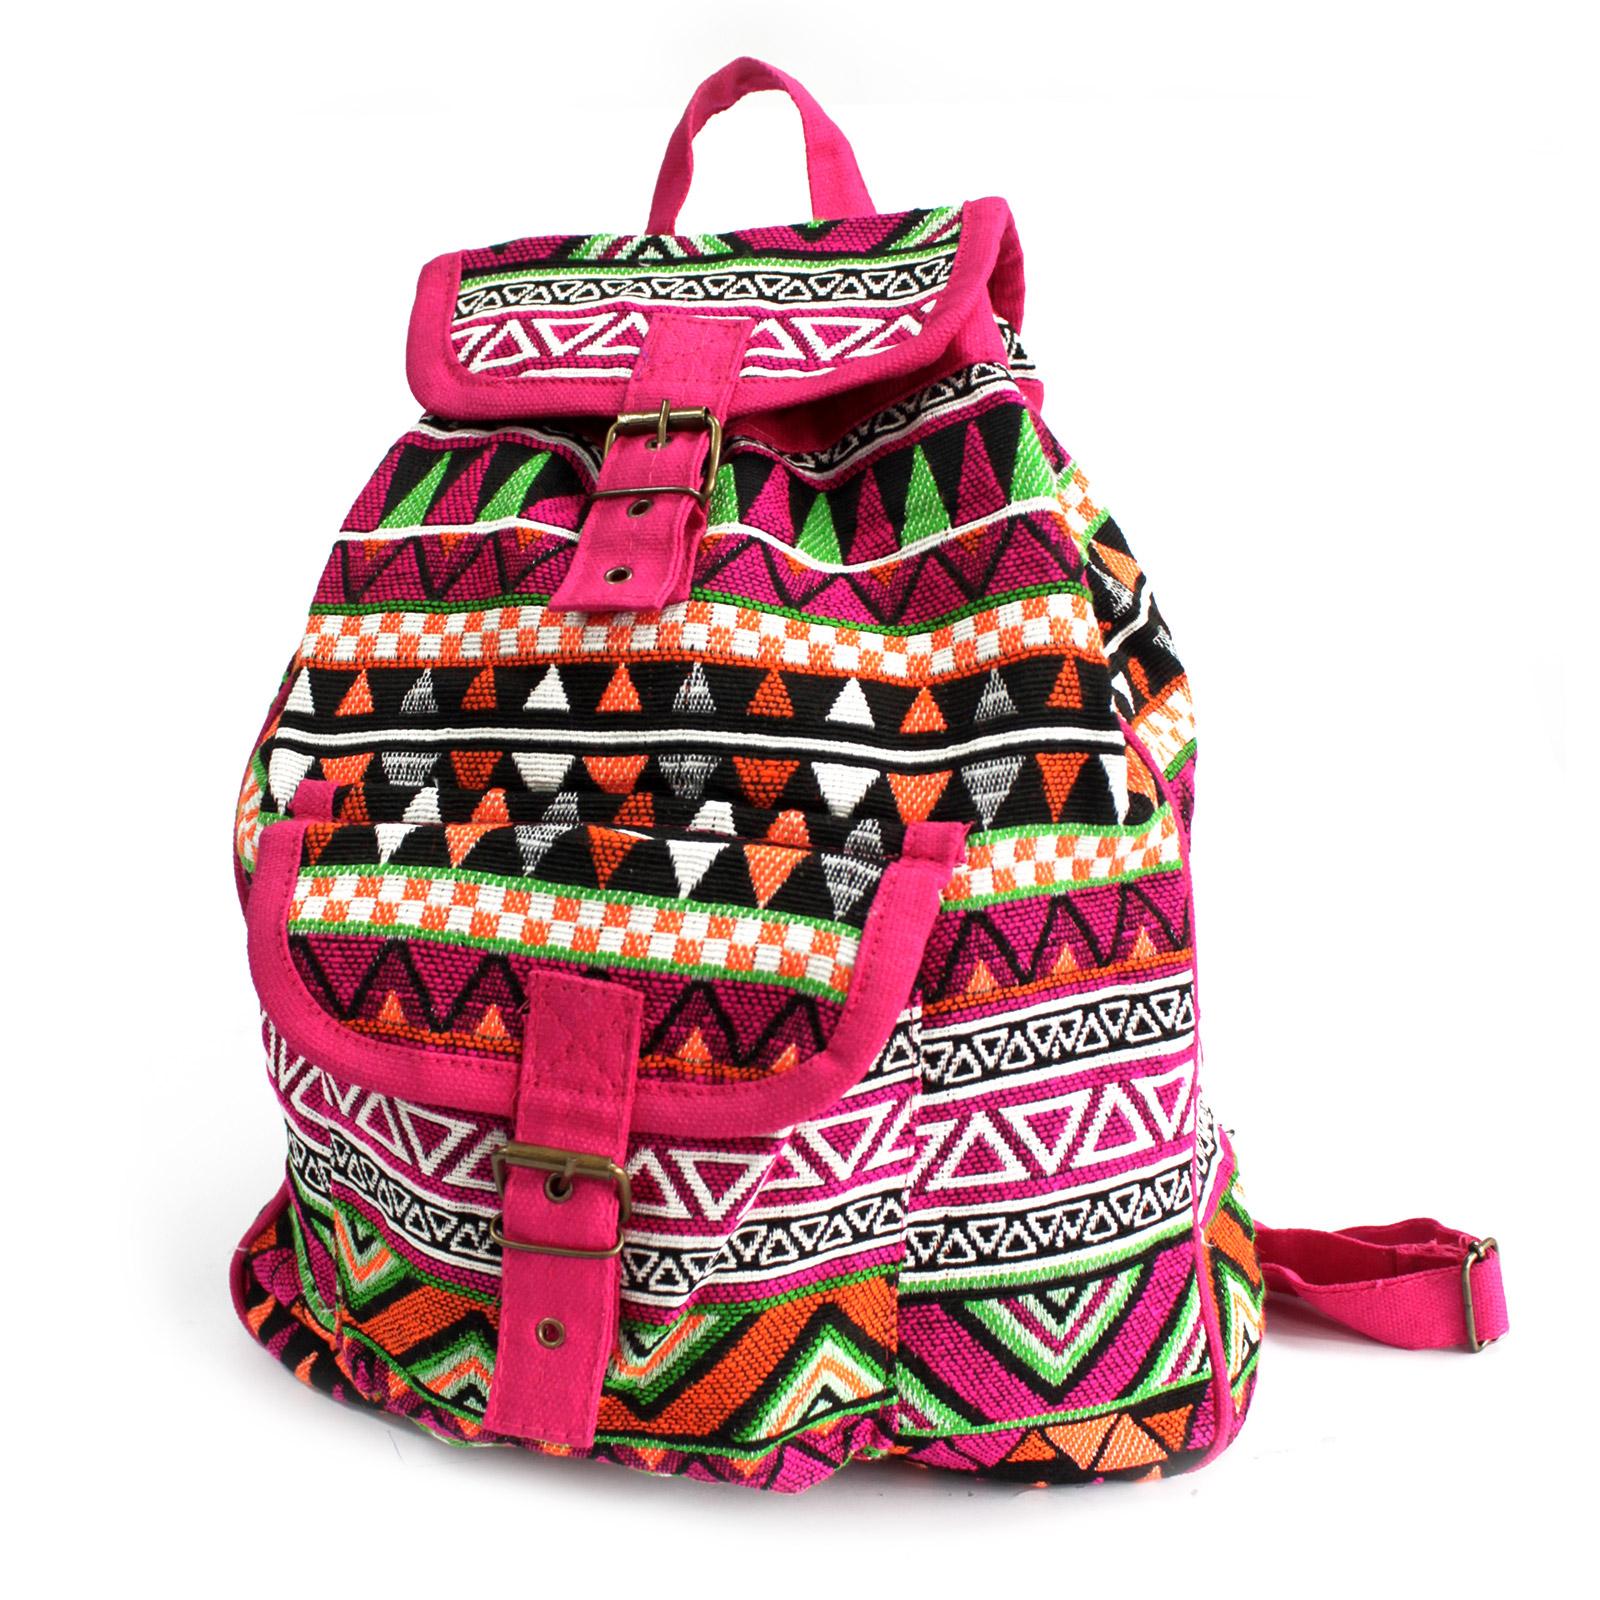 Jacquard Bag - Pink Backpack